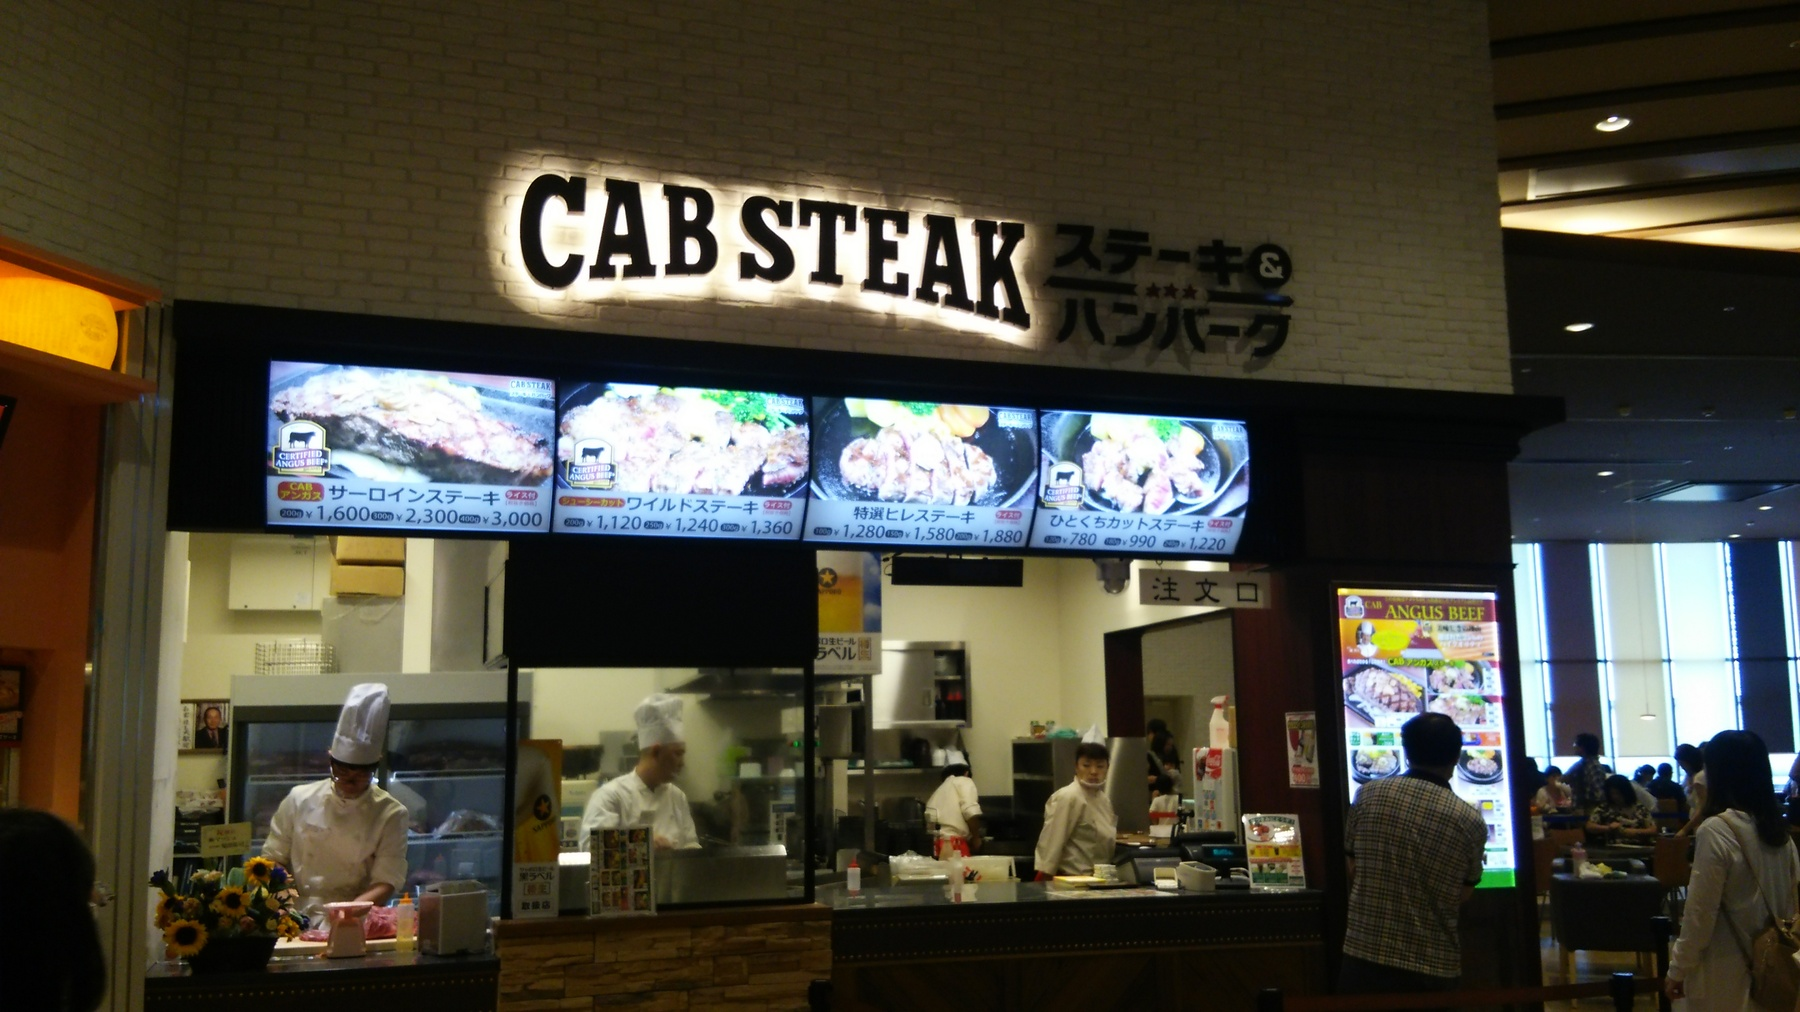 キャブステーキ mozoワンダーシティ店